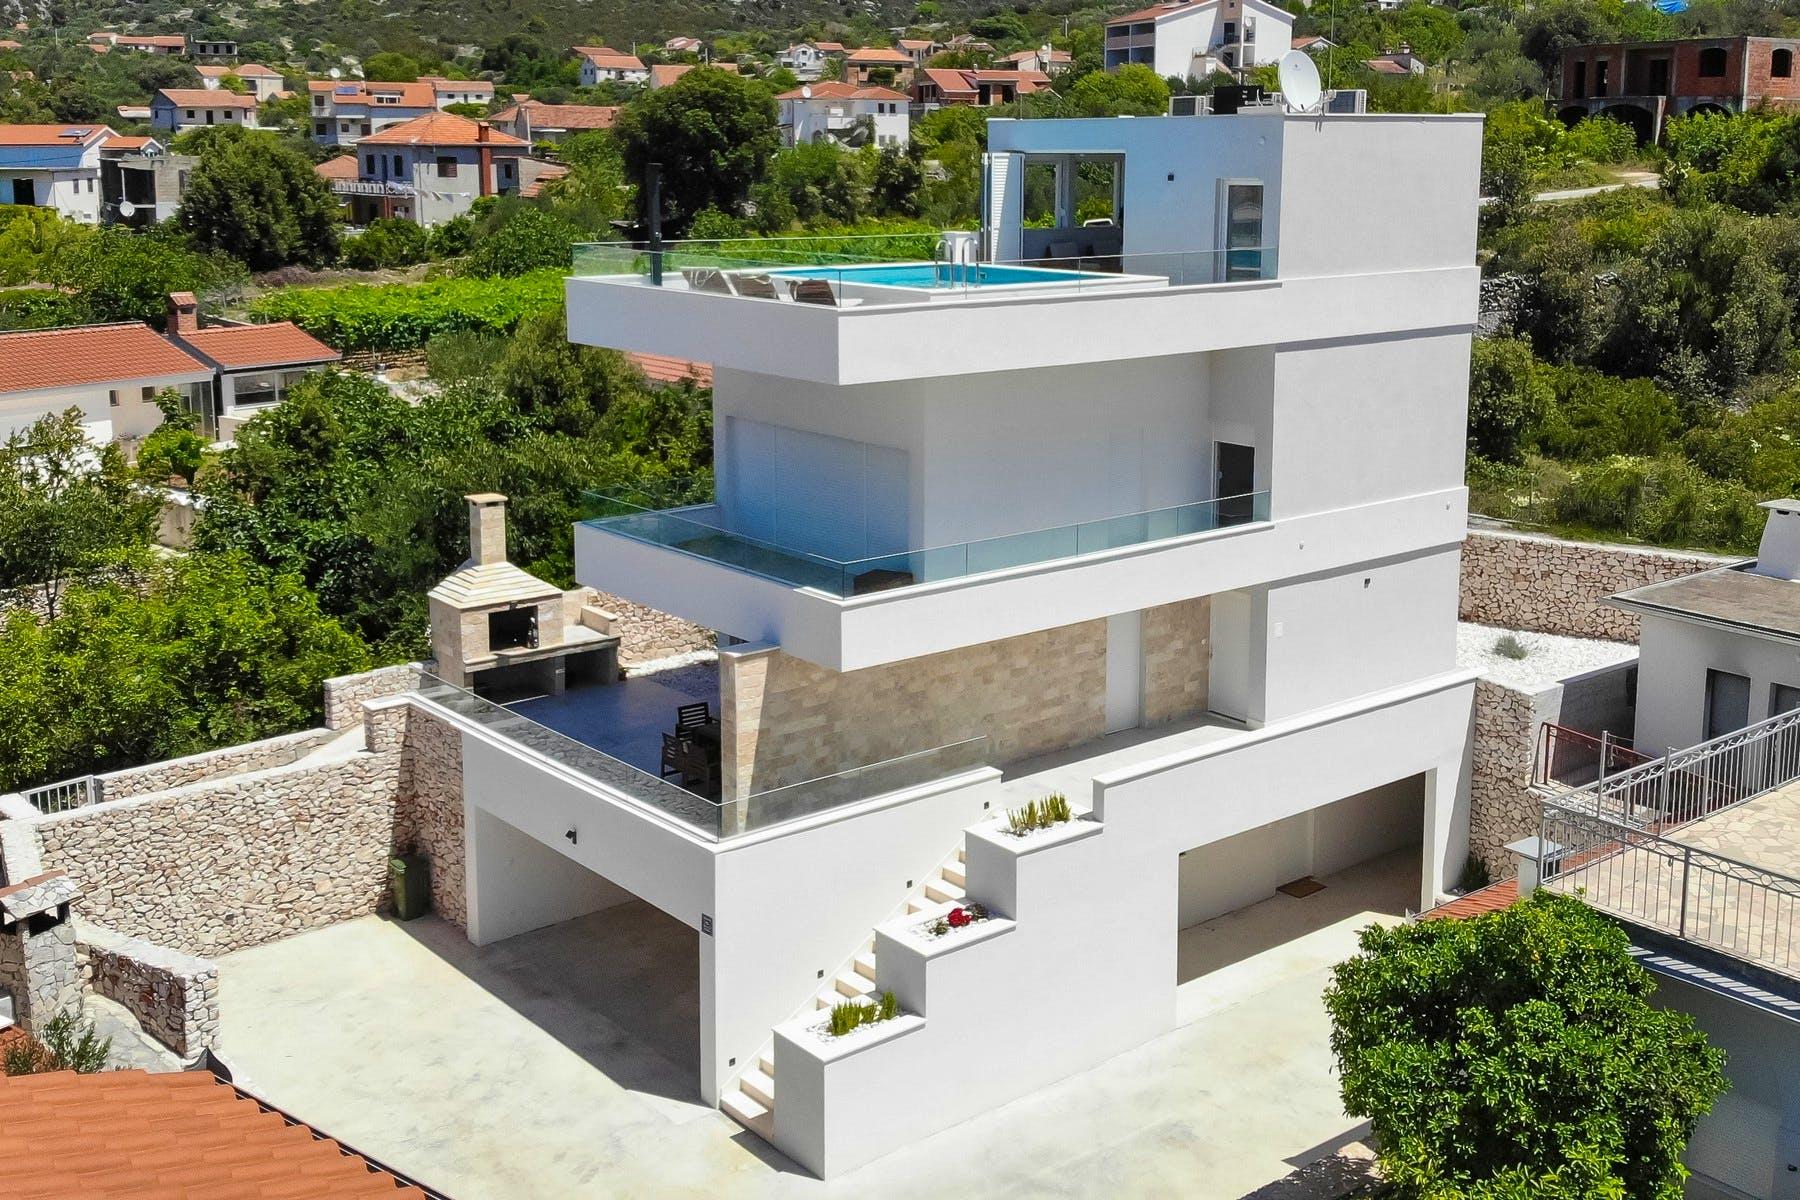 Three-level villa for rent in Dalmatia